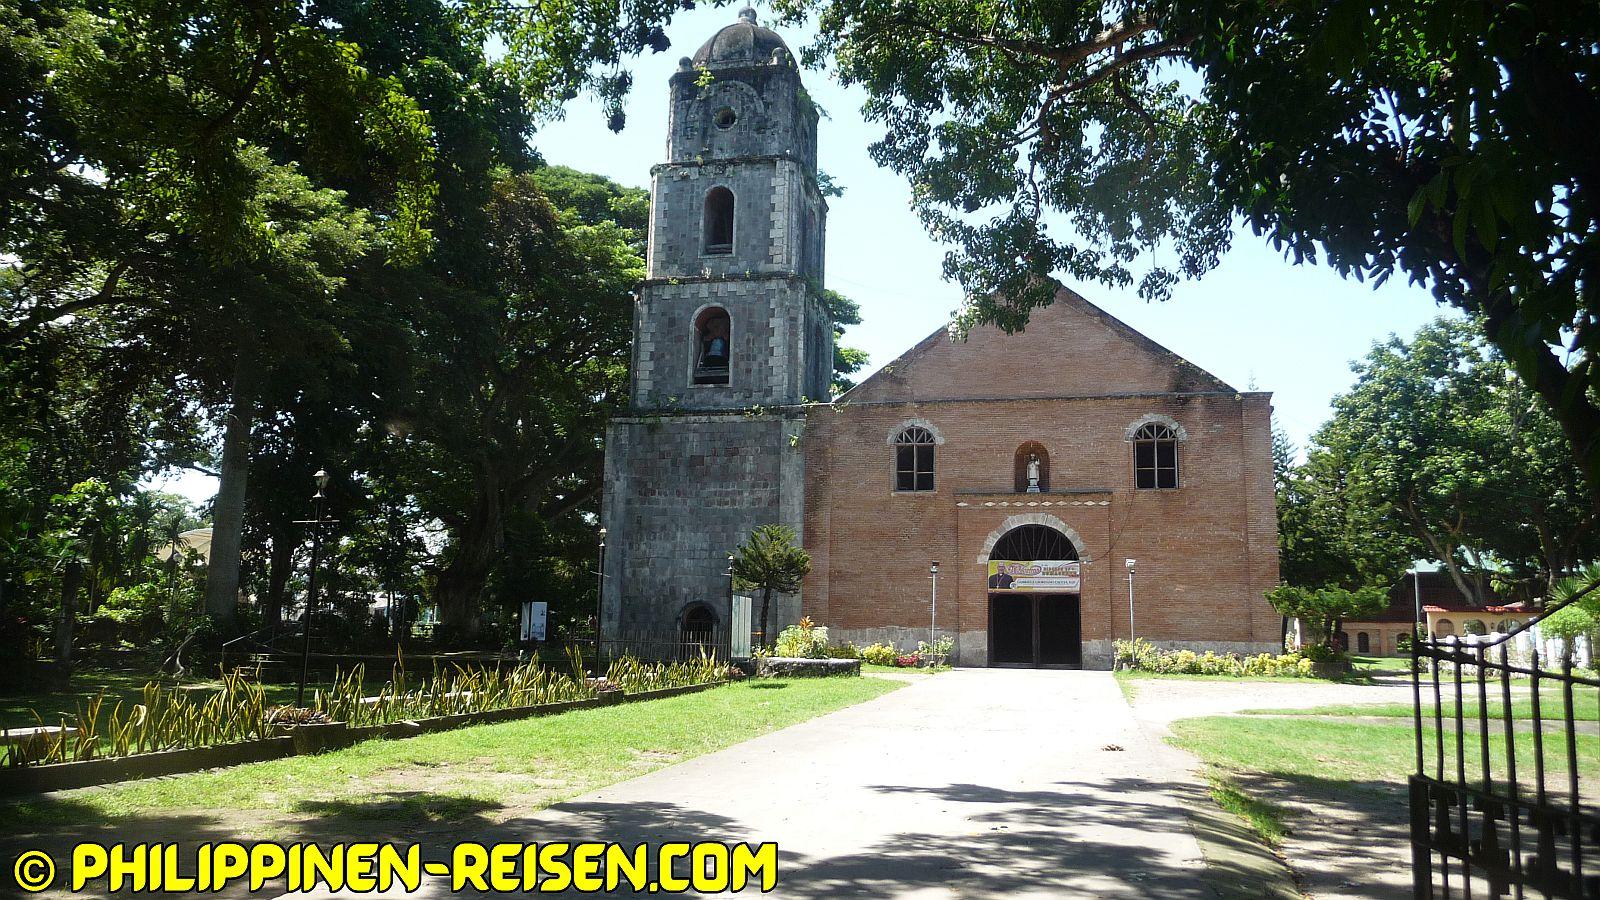 PHILIPPINEN REISEN - ORTE- NEGROS - NEGROS ORIENTAL - Touristische Beschreibung für den Ort Bacong Foto von Sir Dieter Sokoll